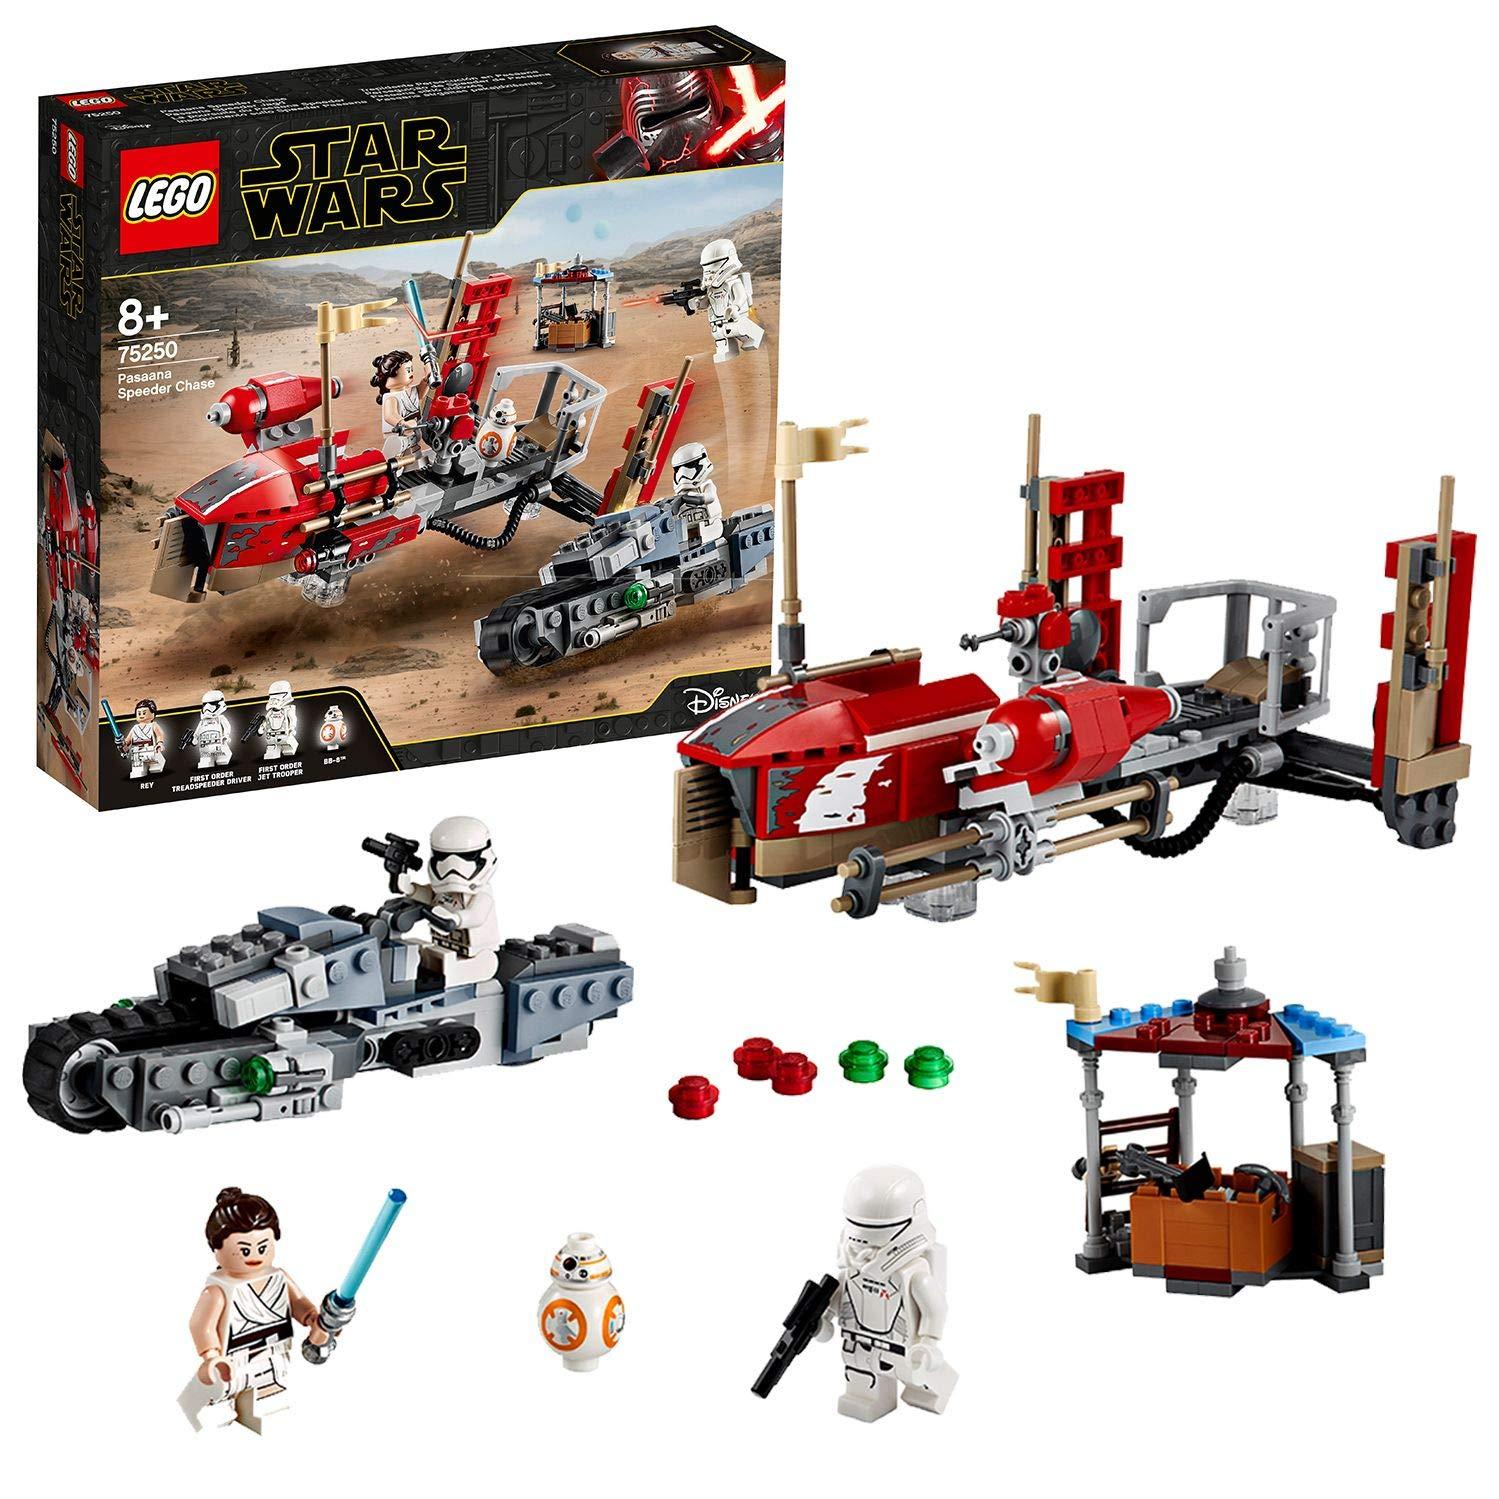 LEGO 75250 Star Wars Pasaana Speeder Chase £36 Amazon